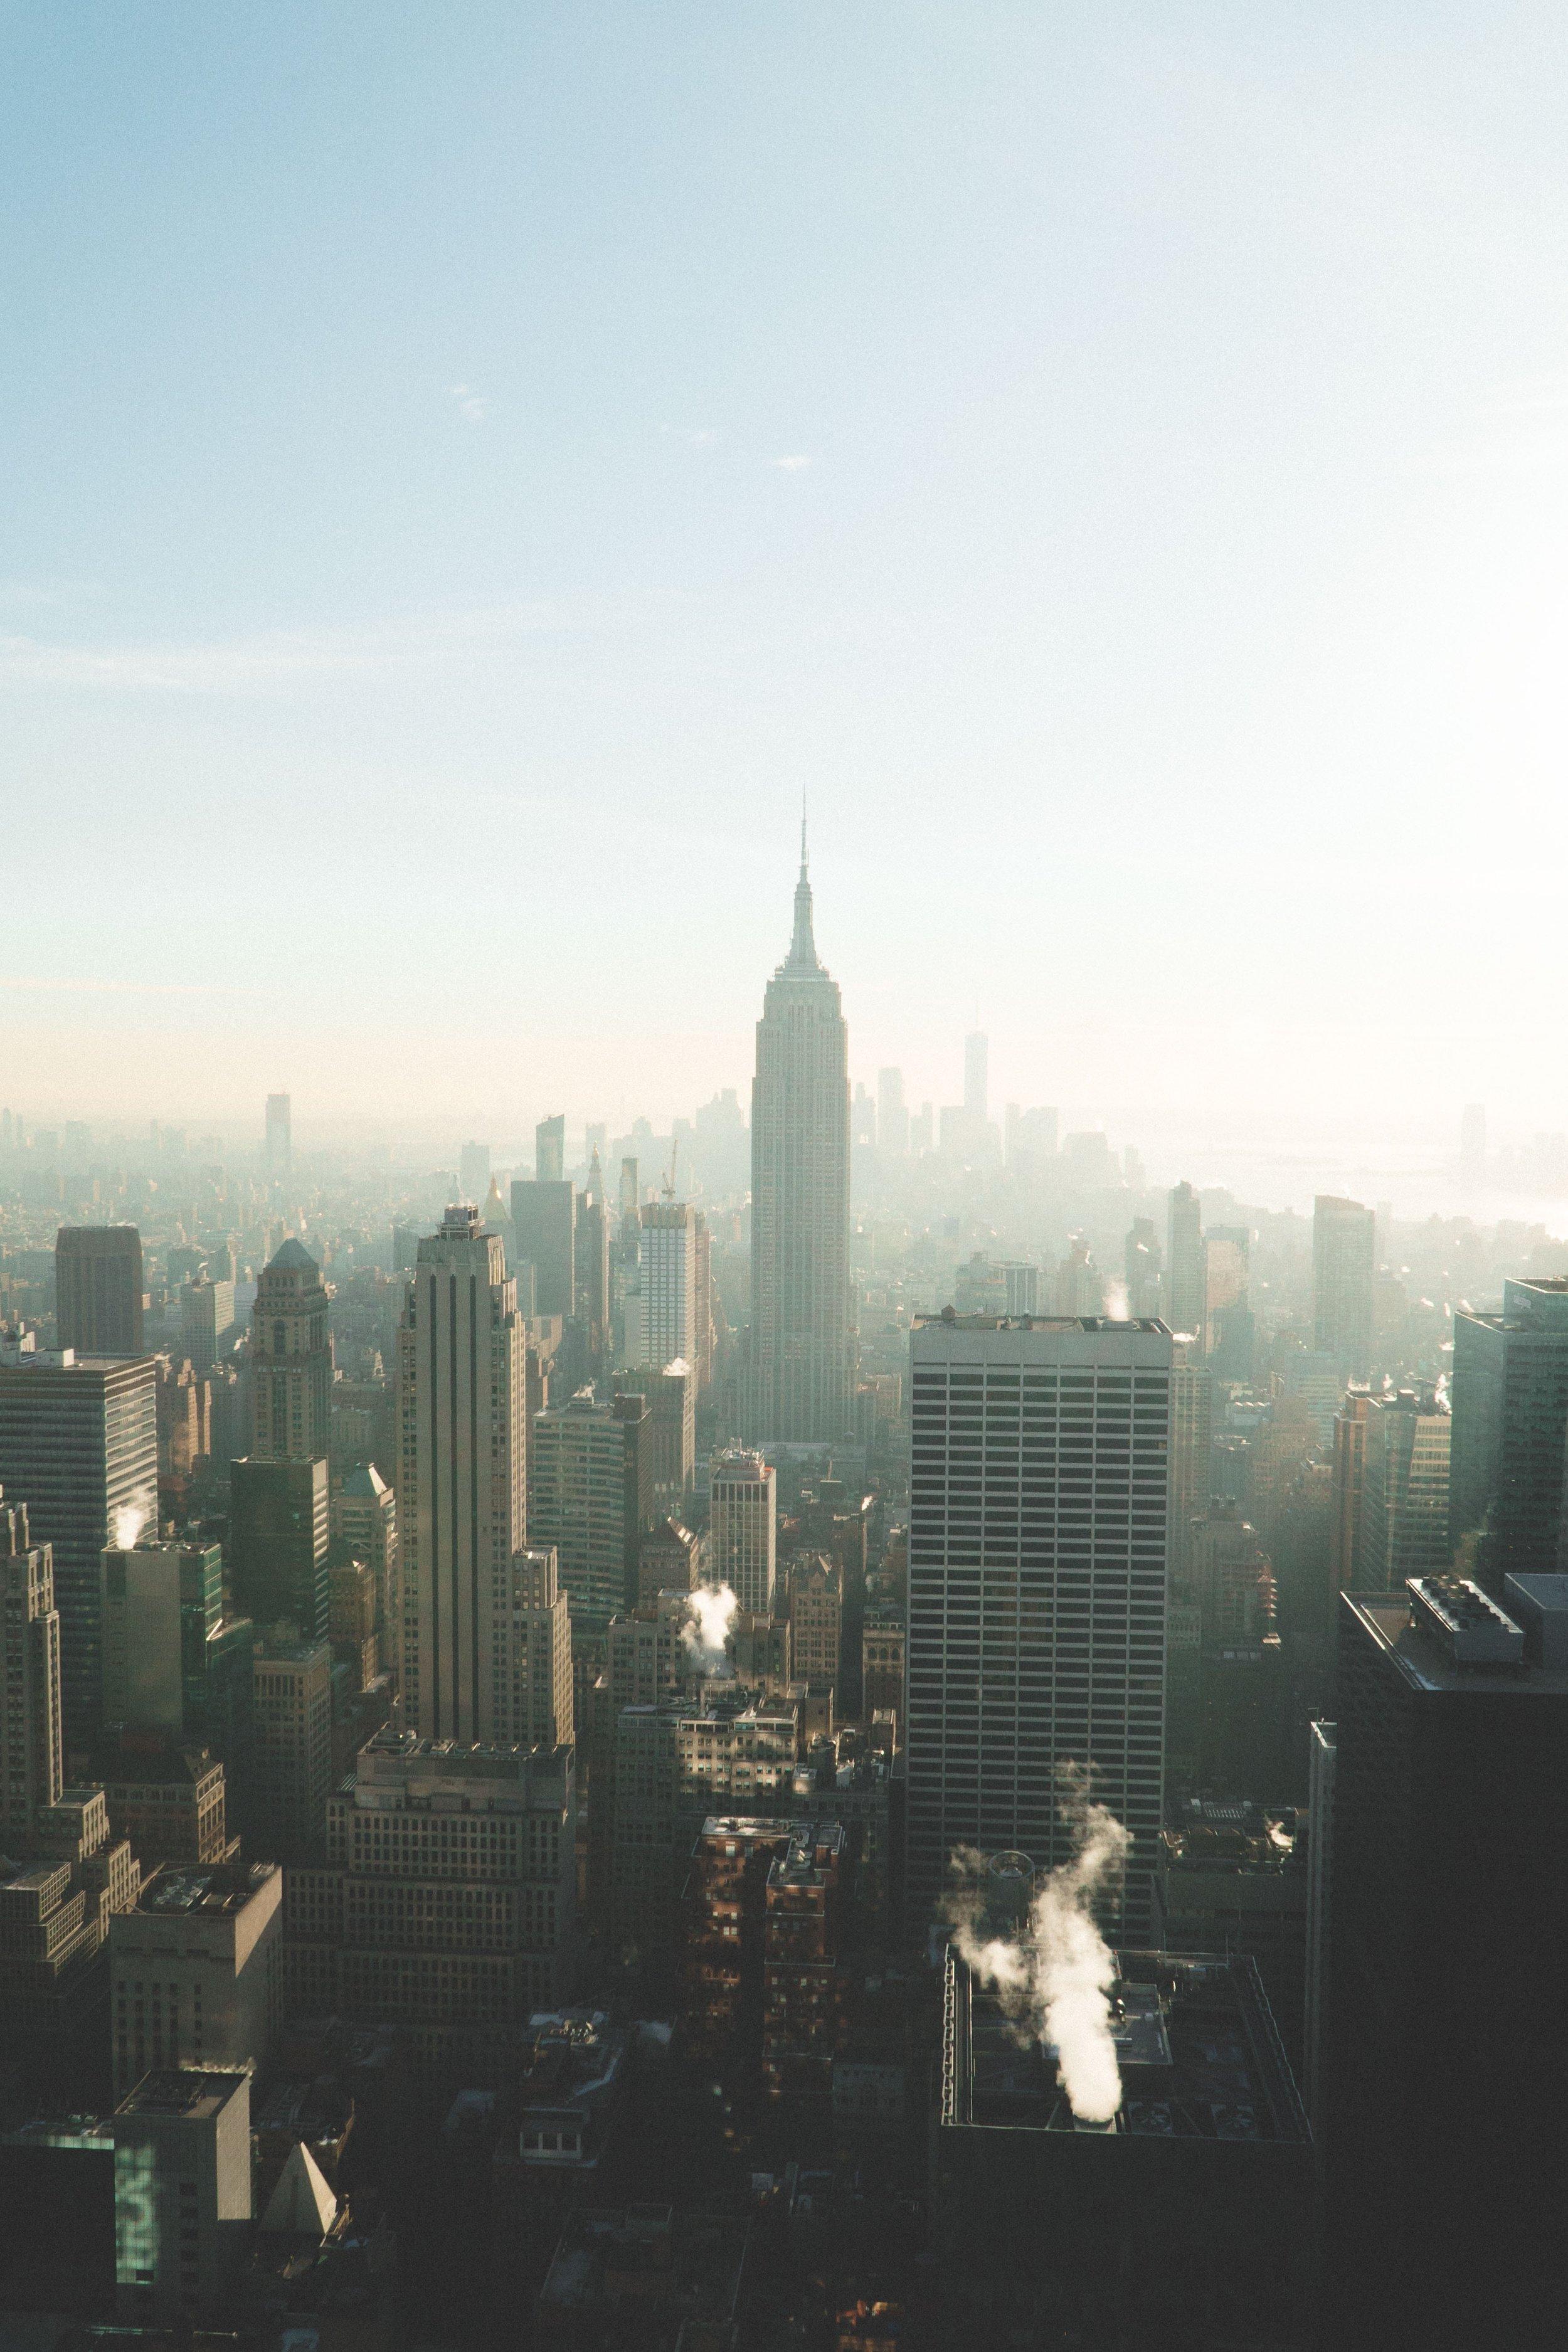 NEW YORK - Reflections YogaThursday, September 12 - Sunday, September 15